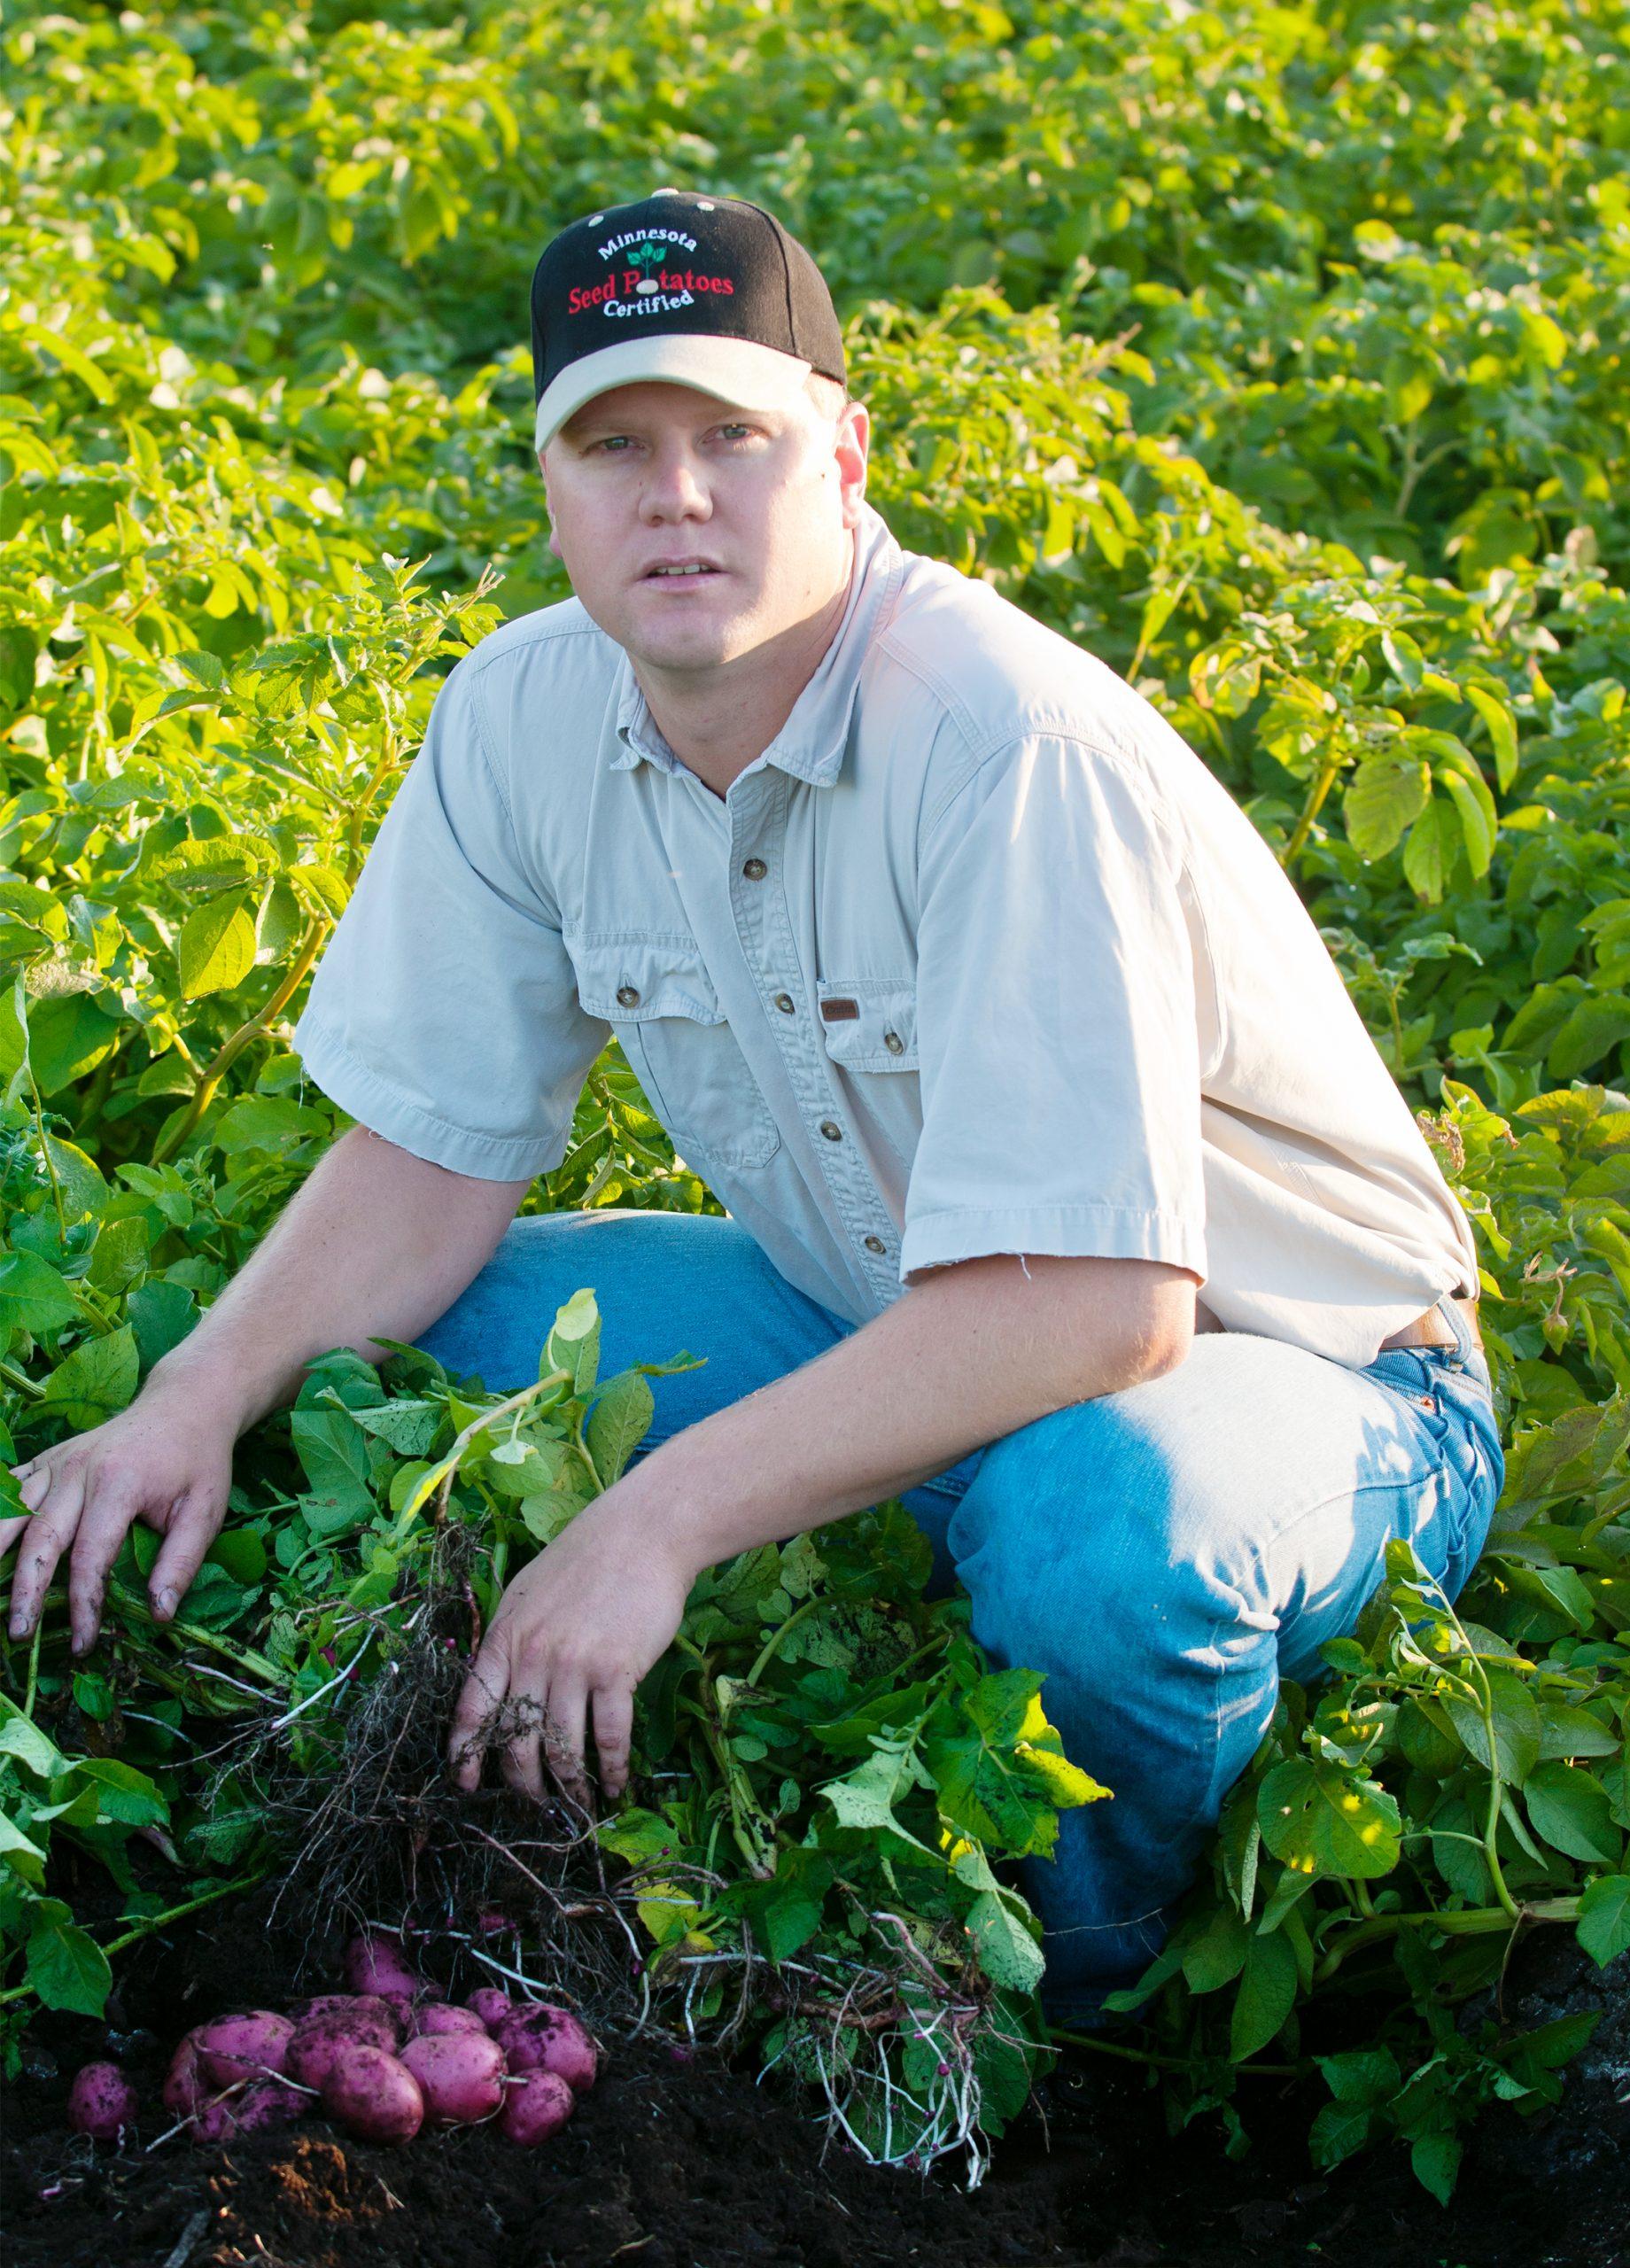 停滞するジャガイモの品種改良、有性生殖で変革に挑む育種家